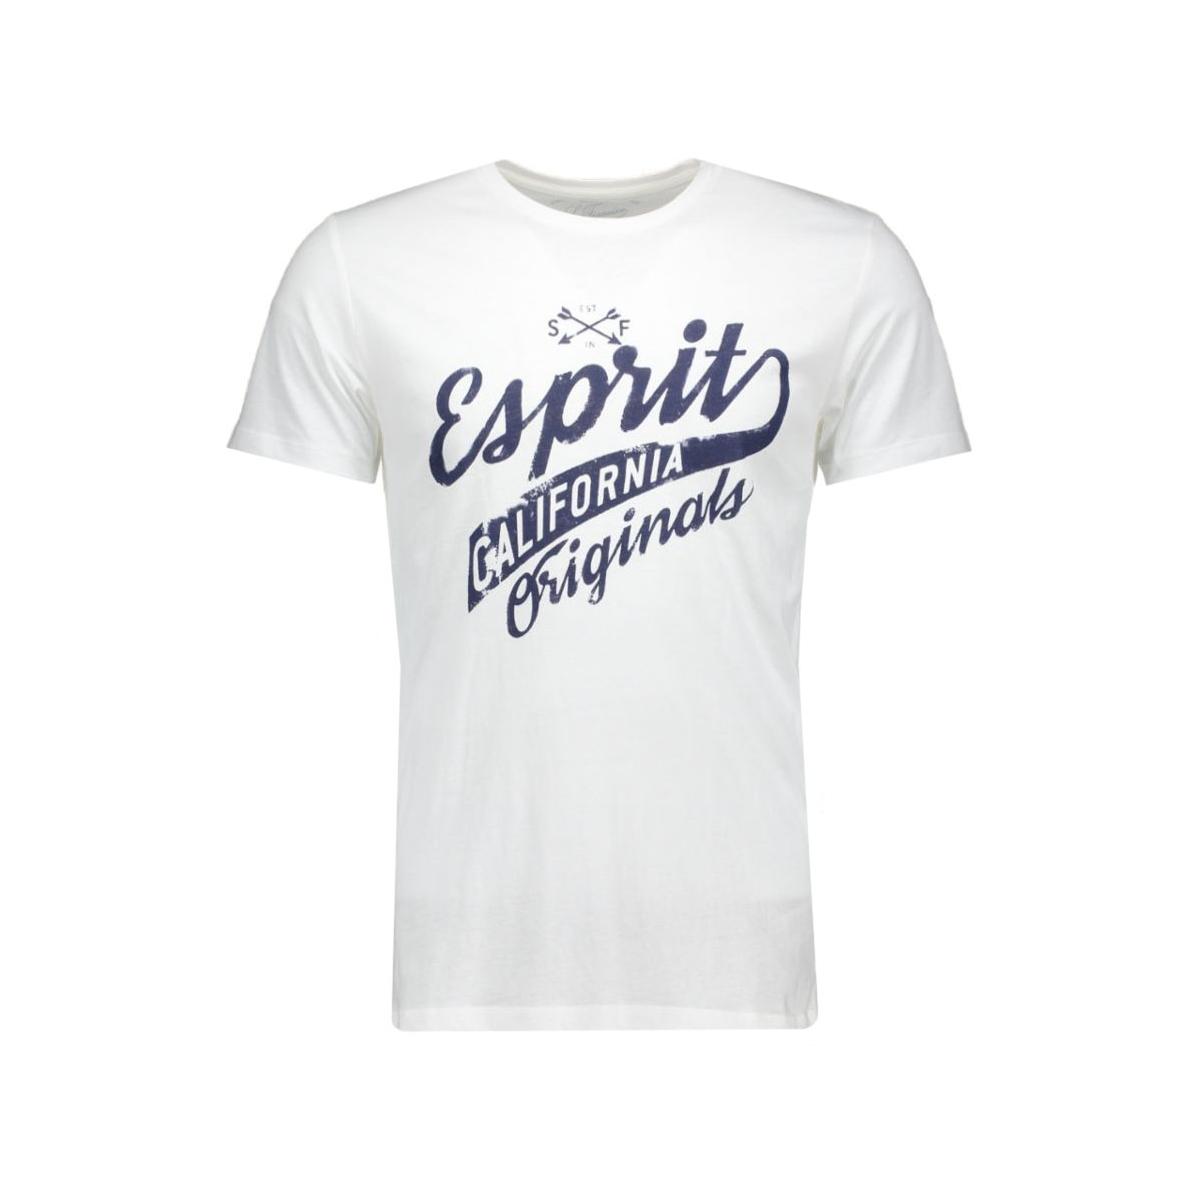 996ee2k900 esprit t-shirt e100